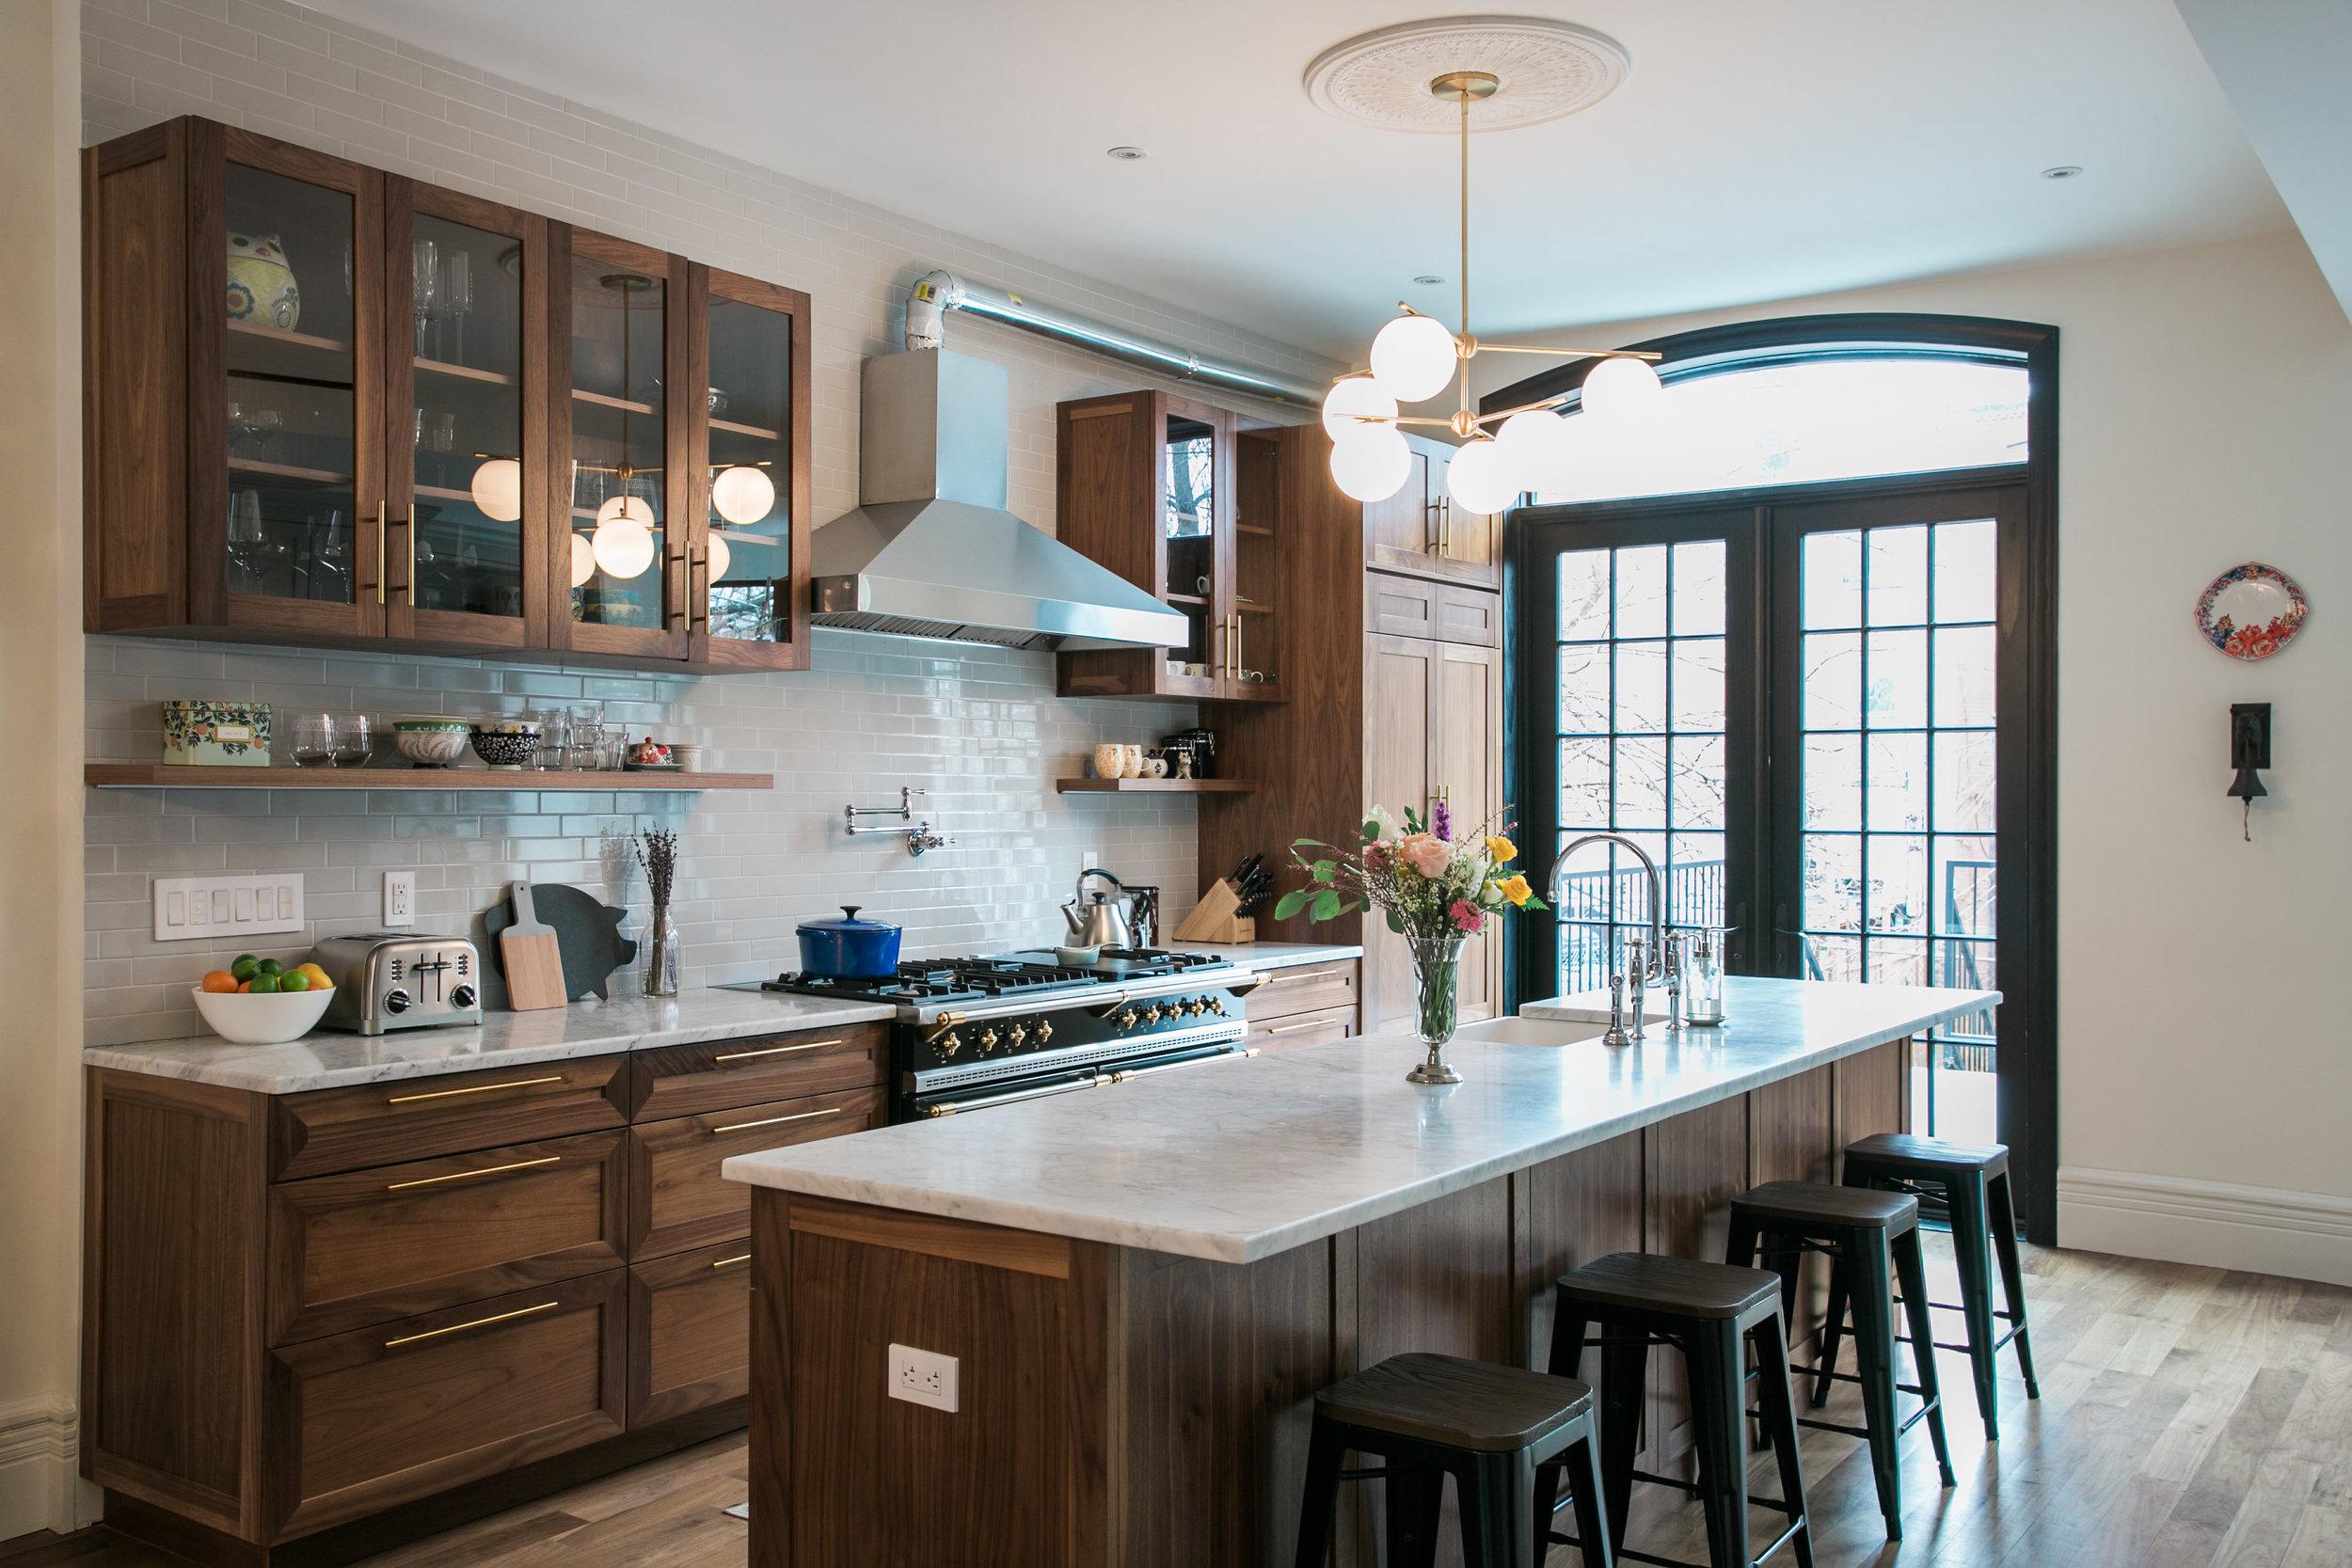 kitchen_001-2.jpg